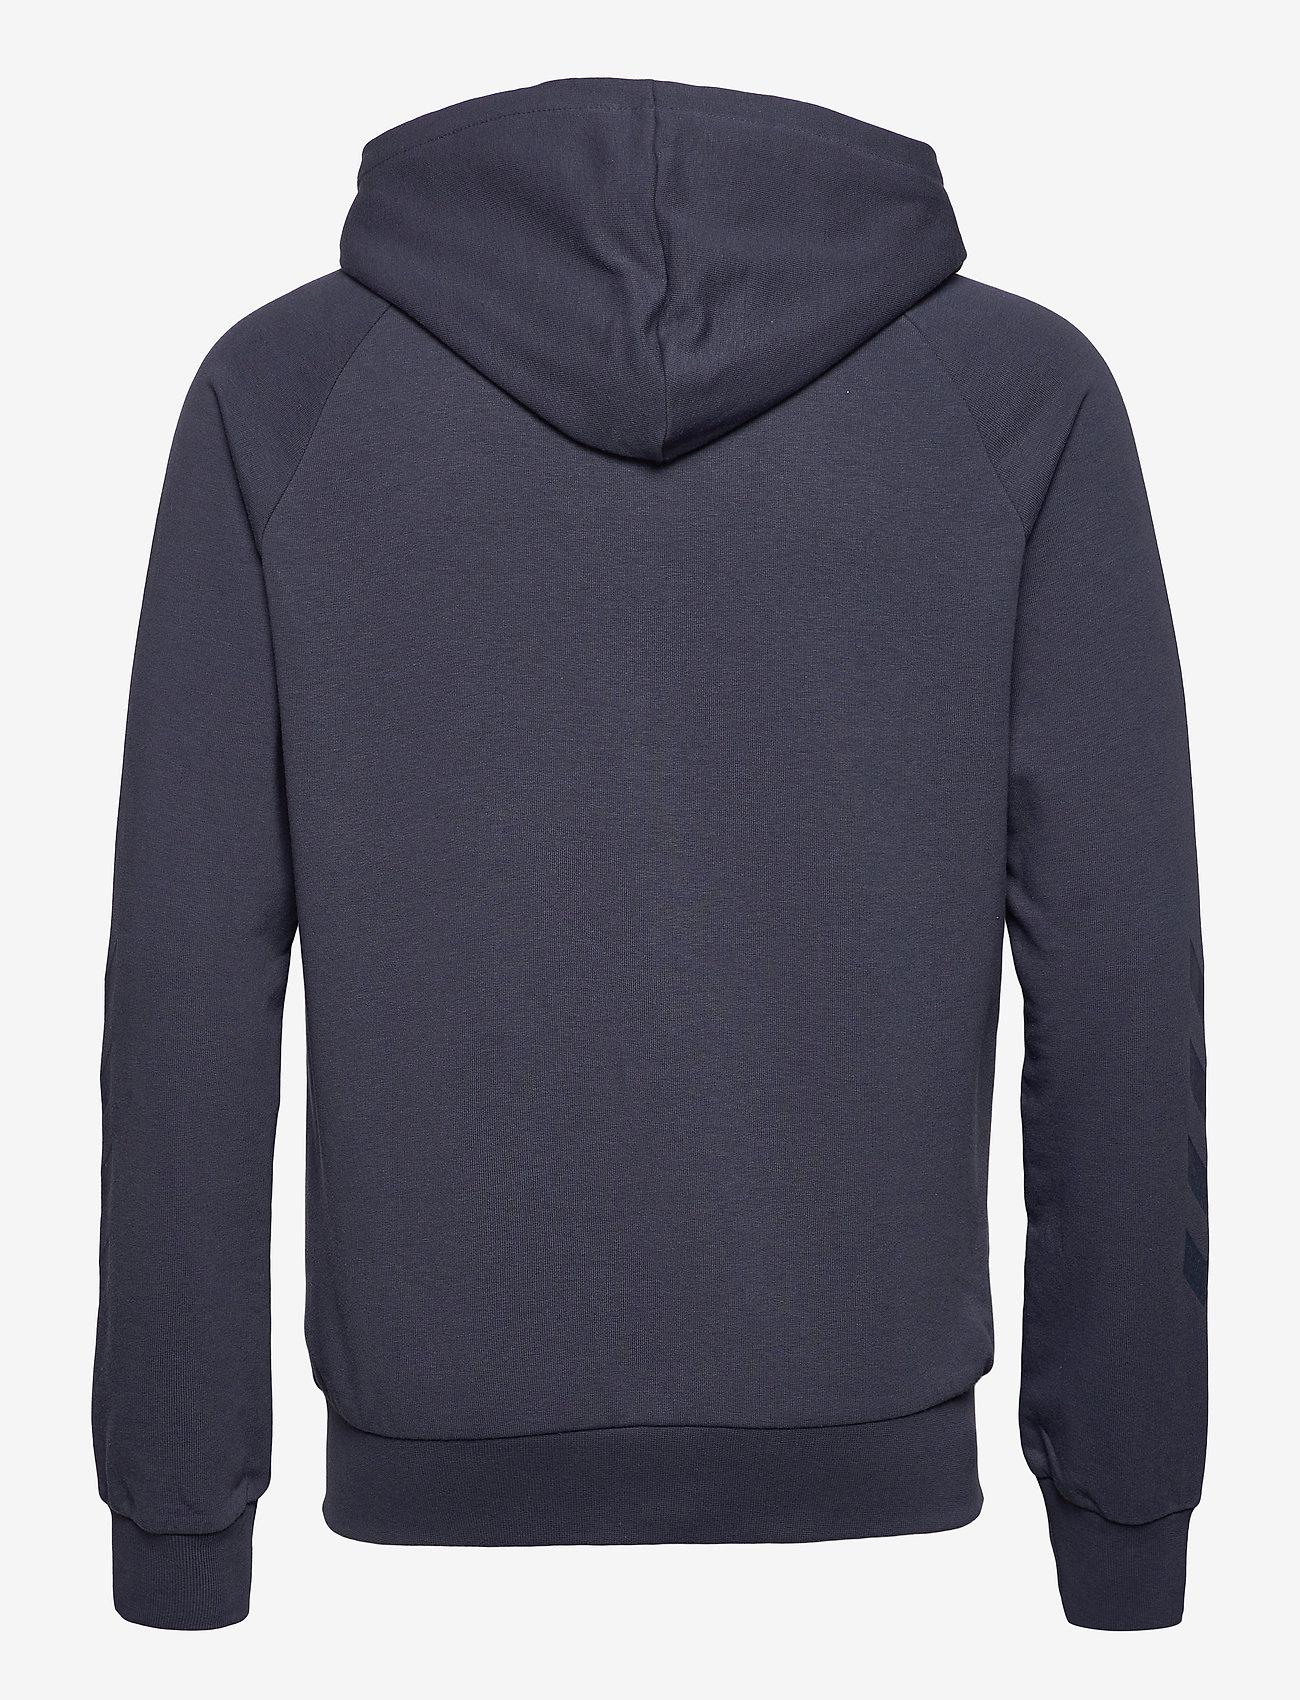 Hummel - hmlISAM ZIP HOODIE - hoodies - blue nights - 1